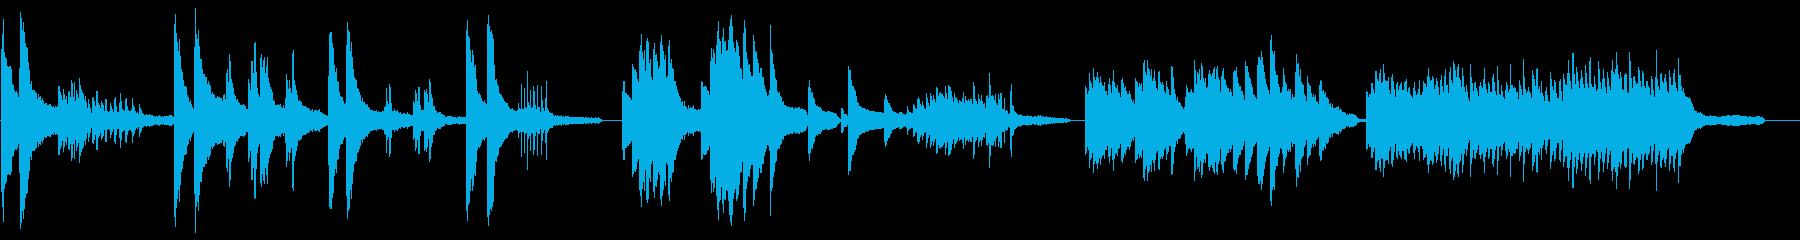 ドキュメンタリー風のピアノインストの再生済みの波形